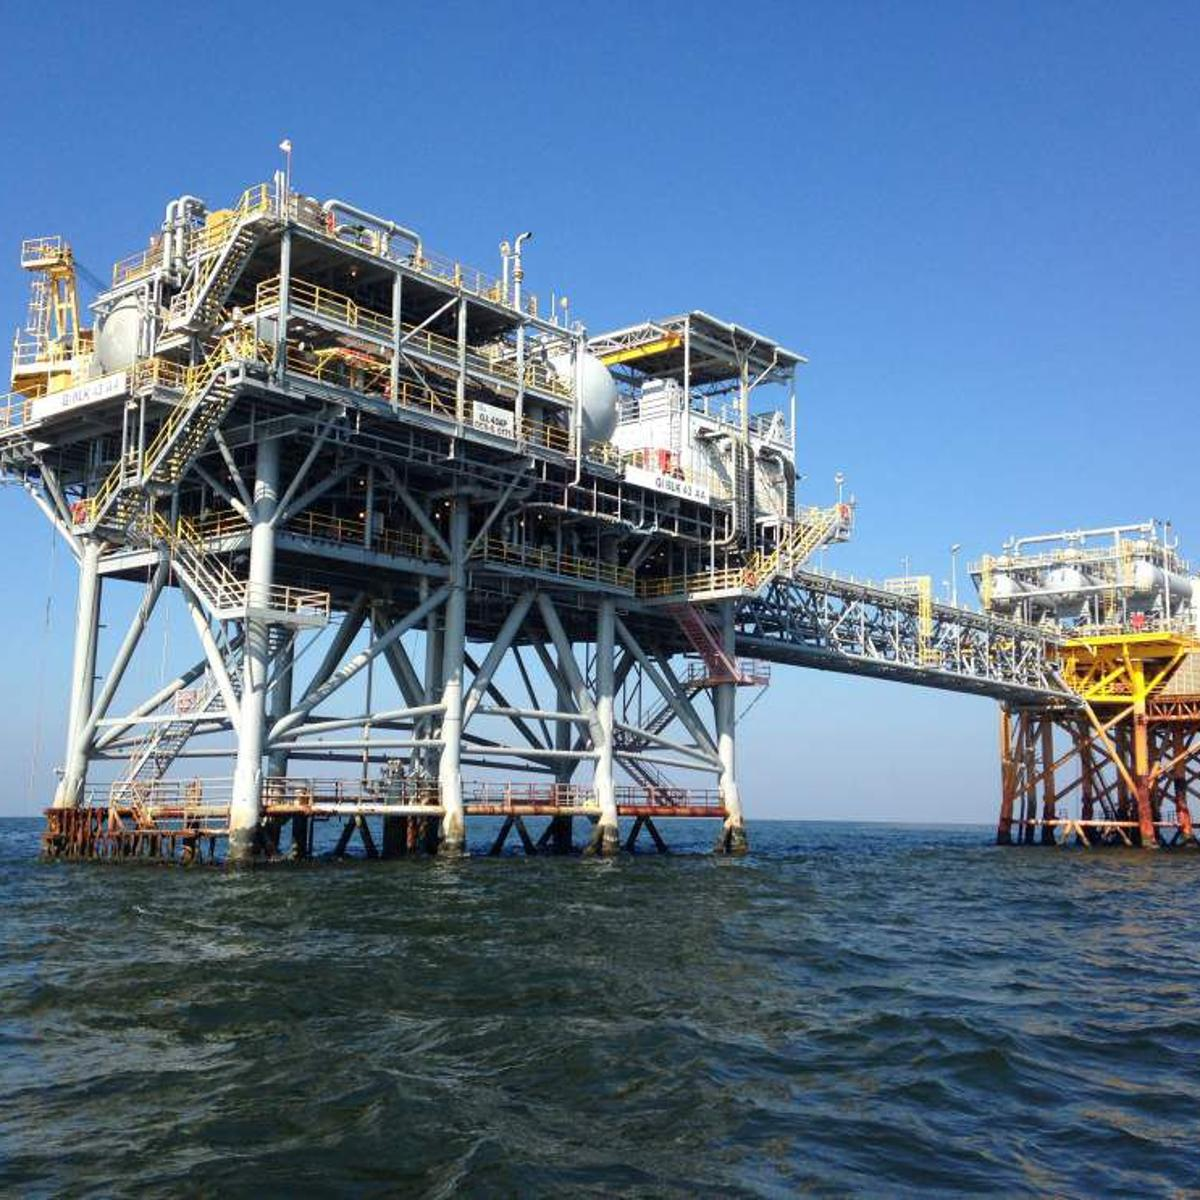 U S  House advances legislation to restrict offshore oil